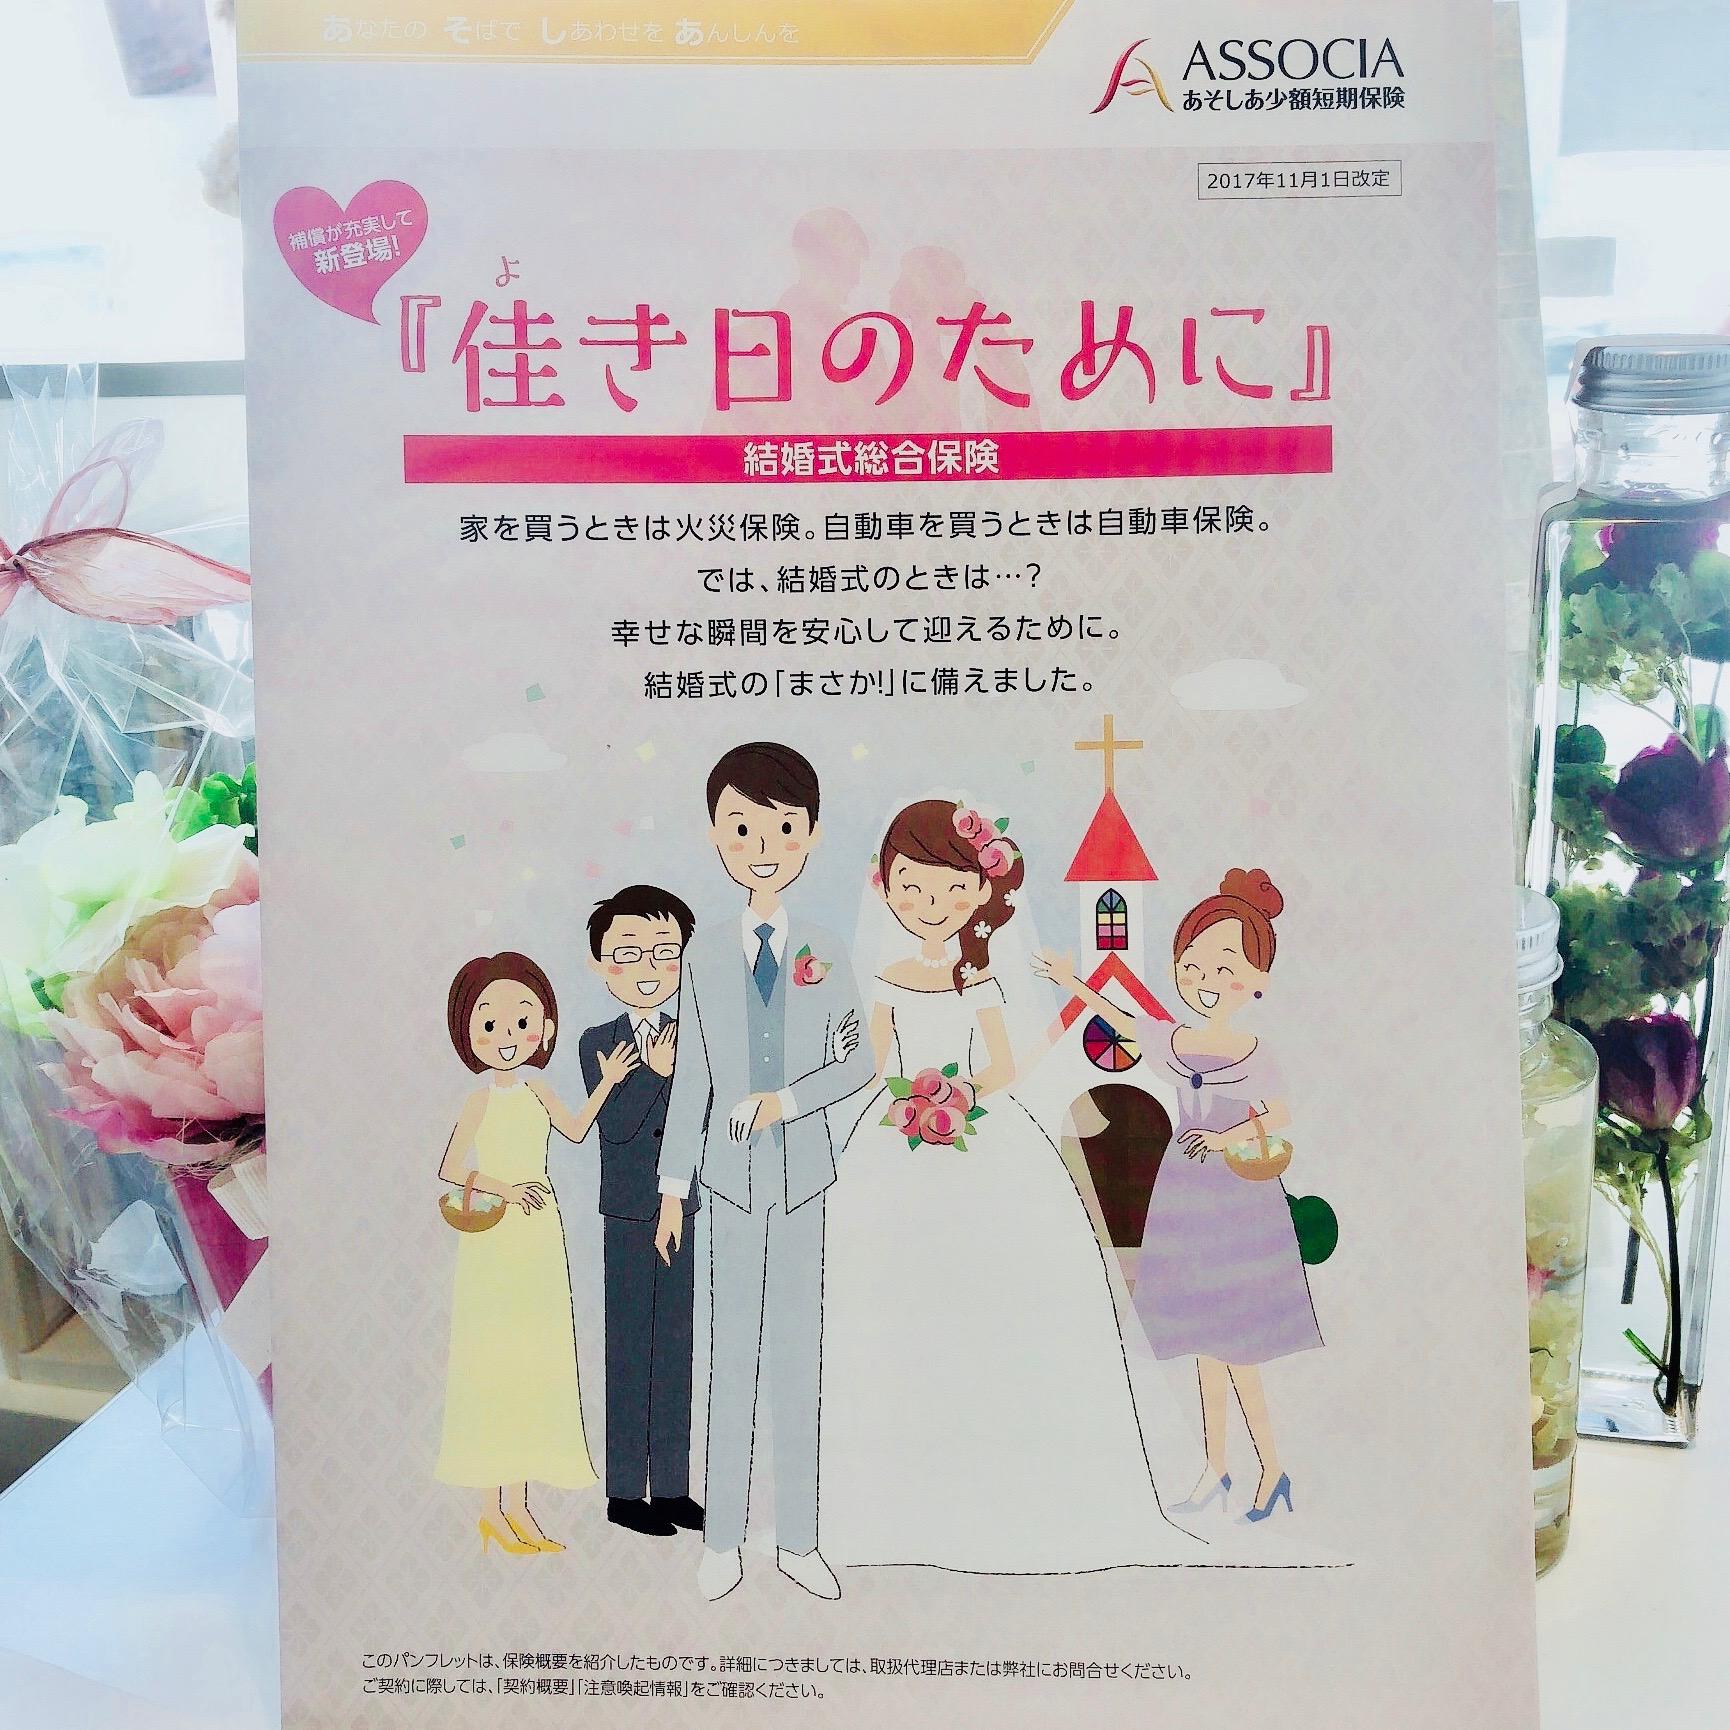 結婚式準備【結婚式総合保険】